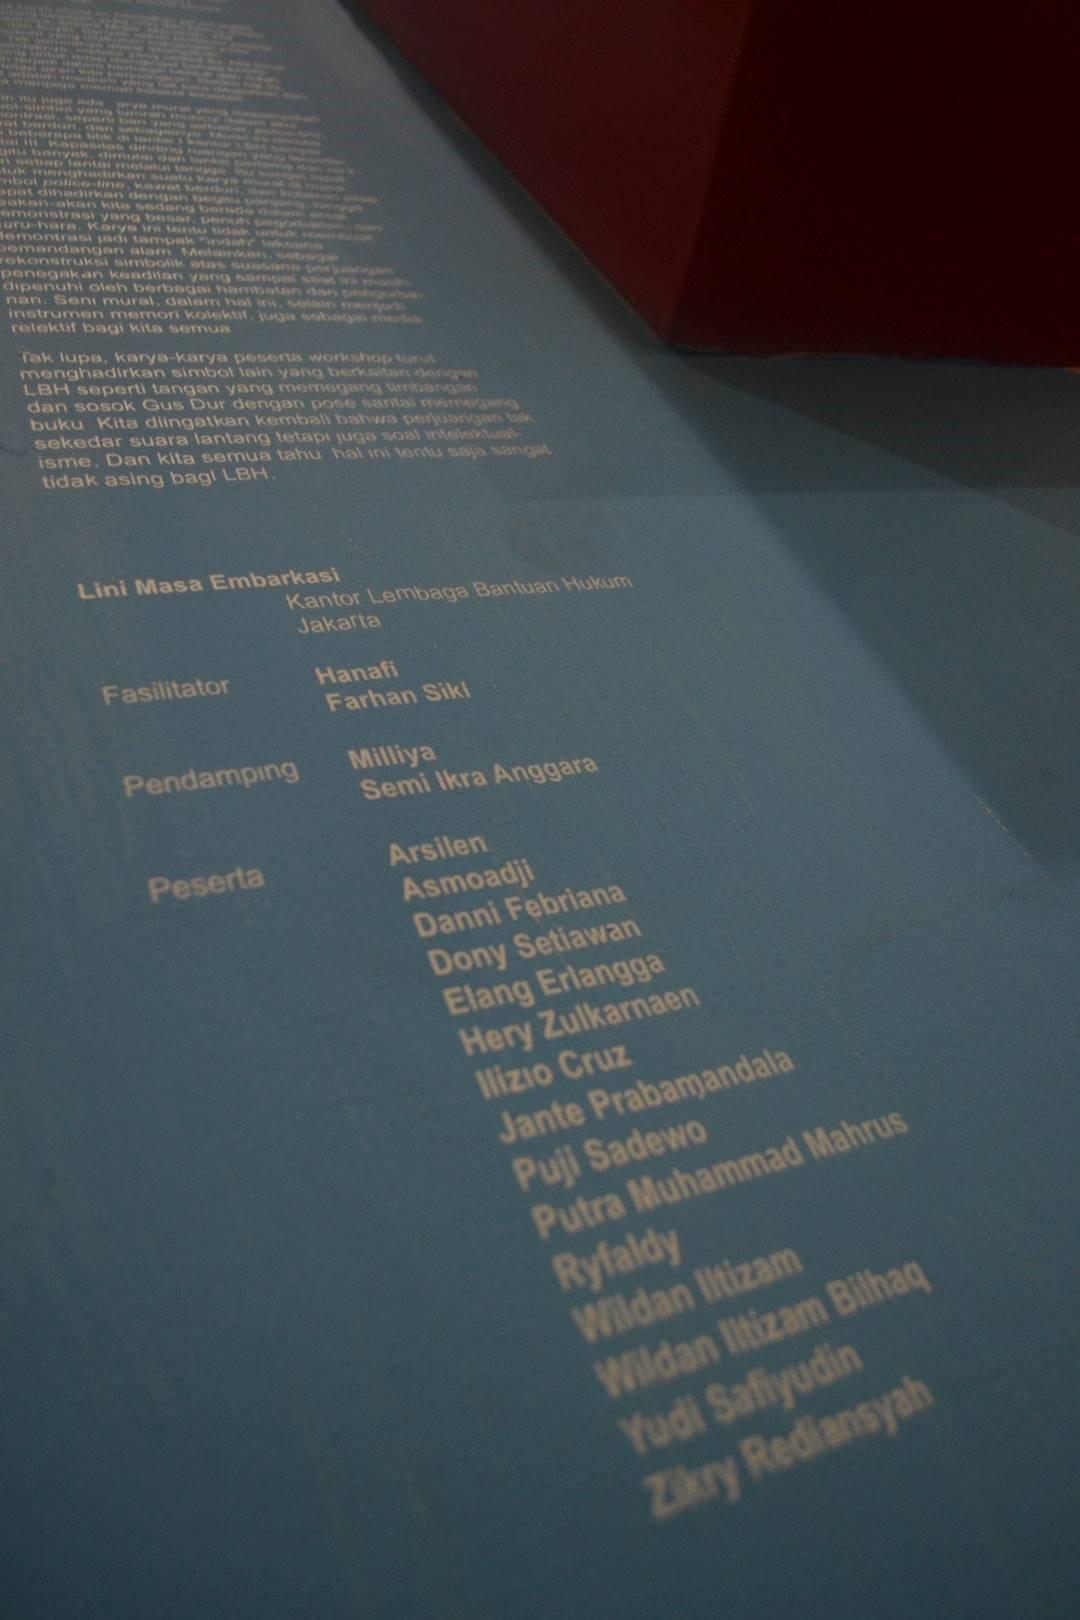 Nama-nama fasilitator, pendamping, dan peserta pembuat mural gedung YLBHI.